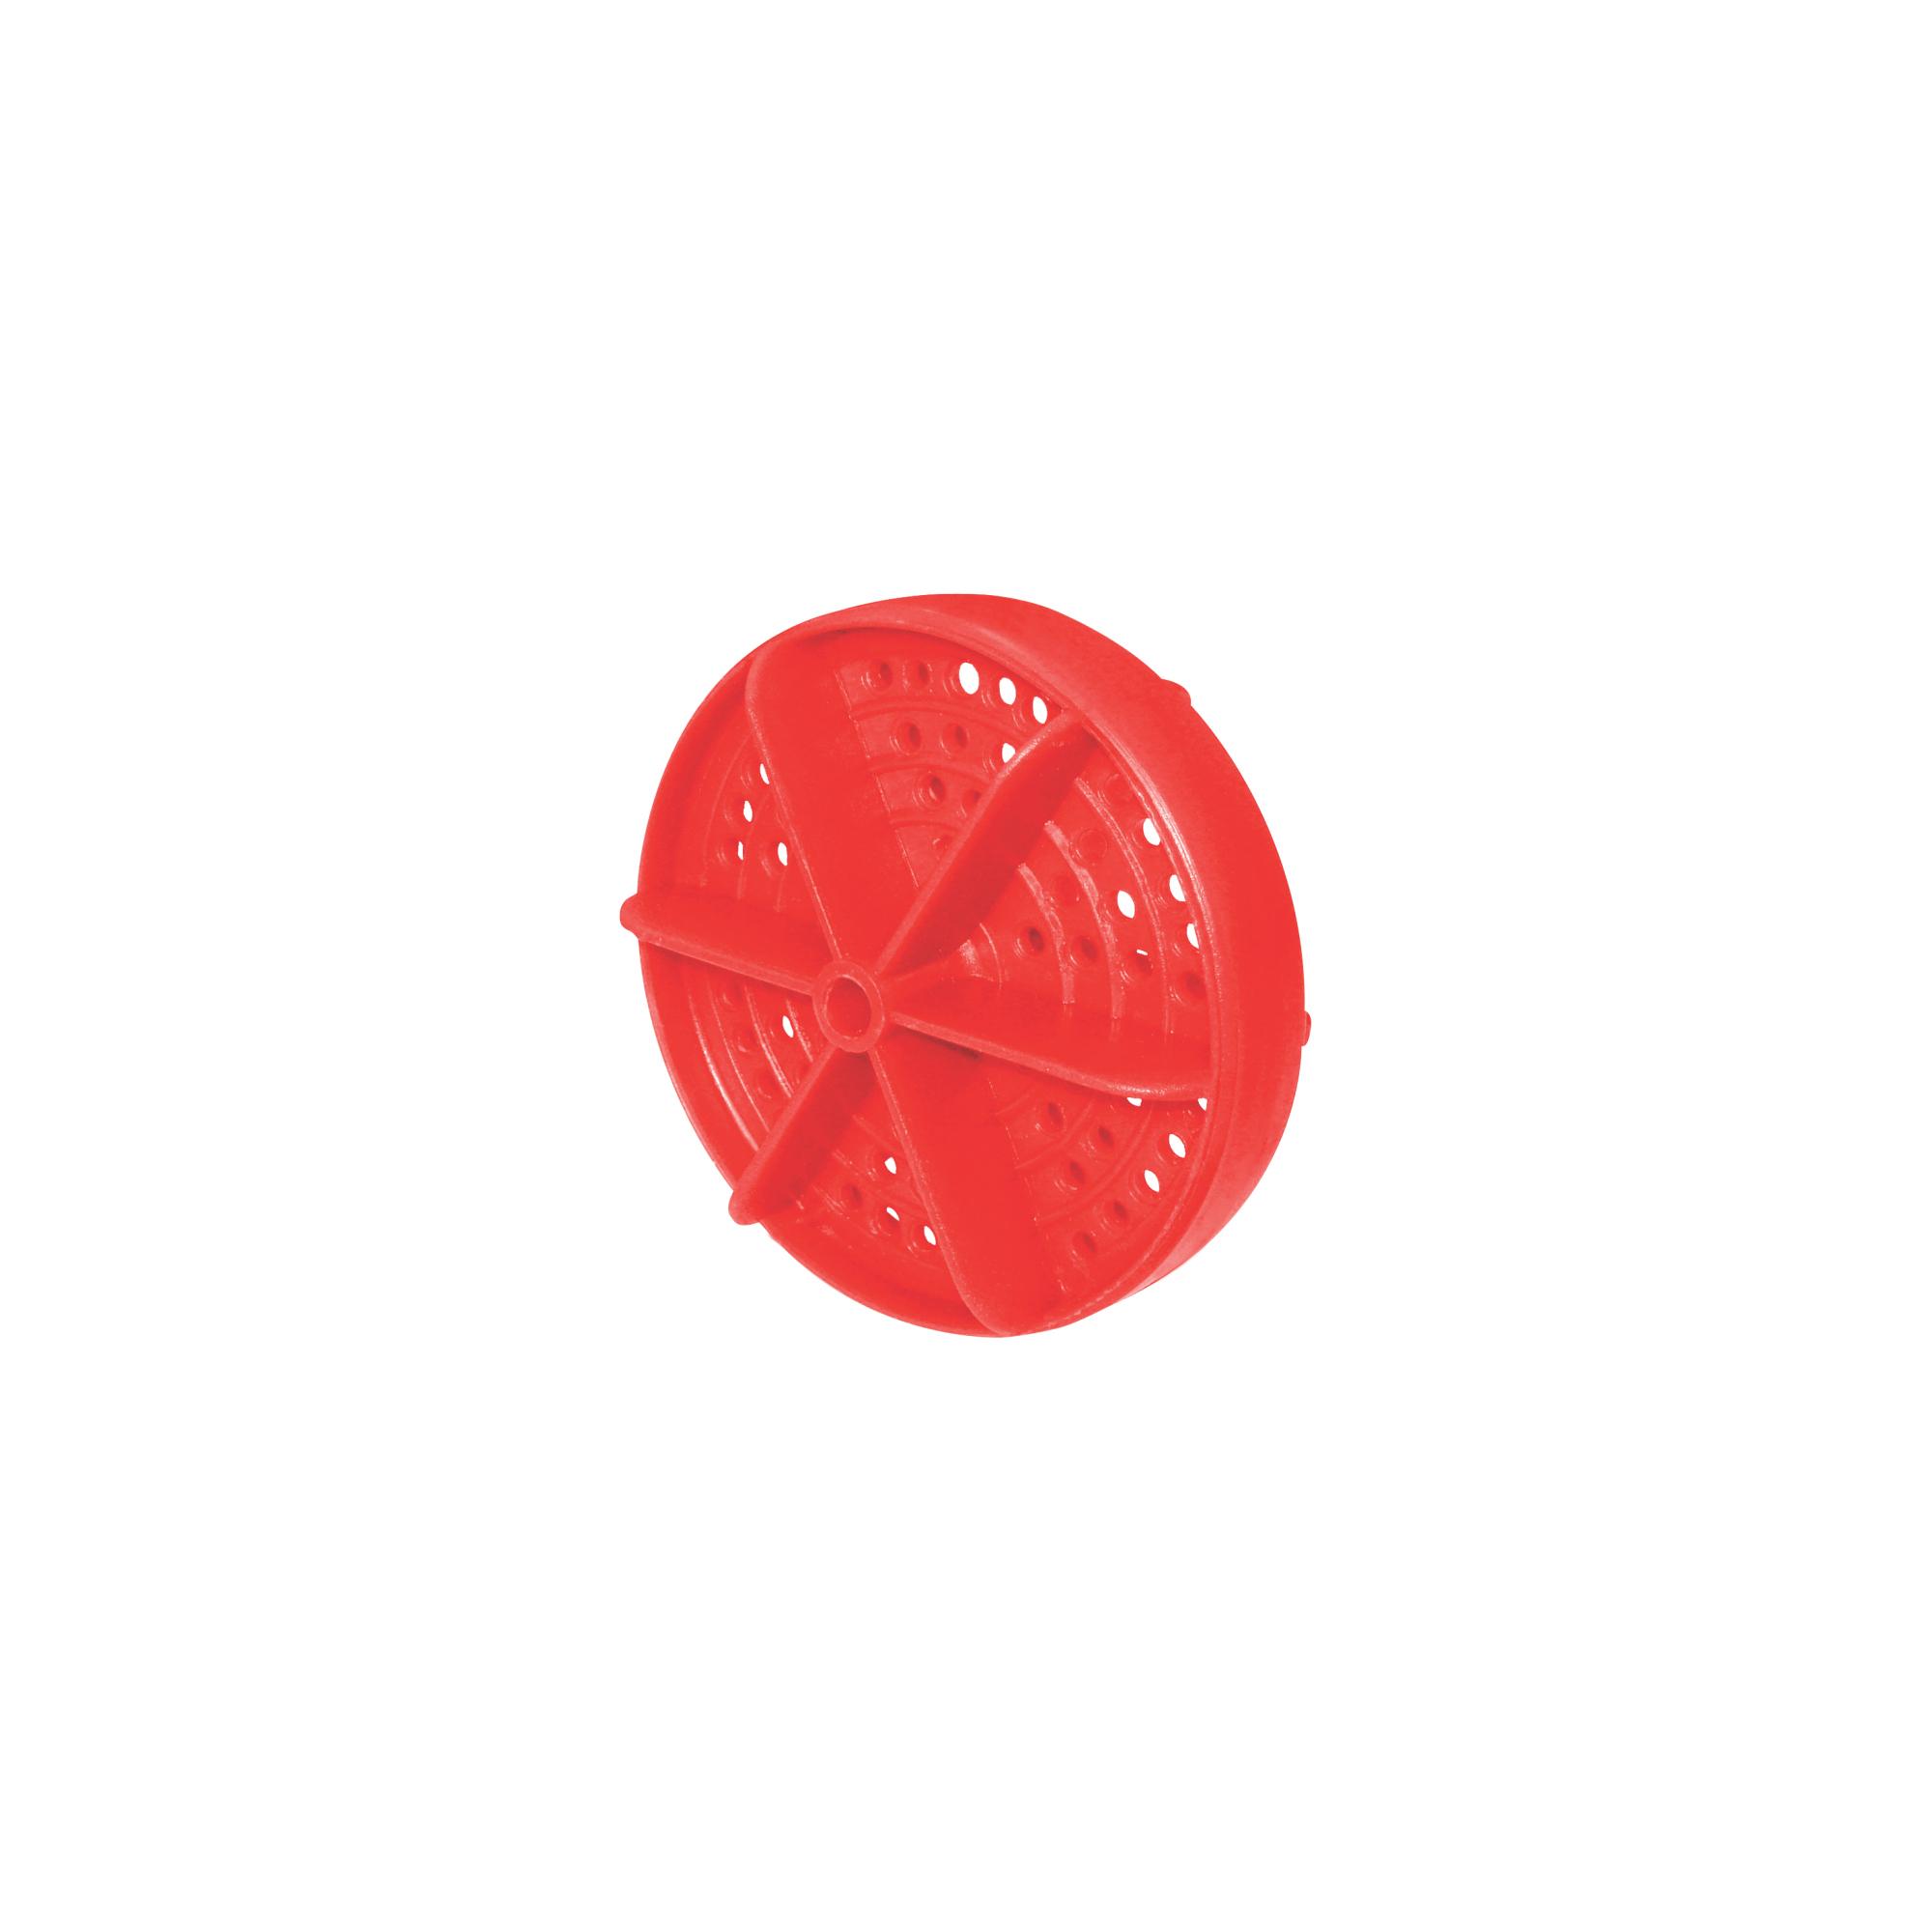 Raia de Piscina Vermelha